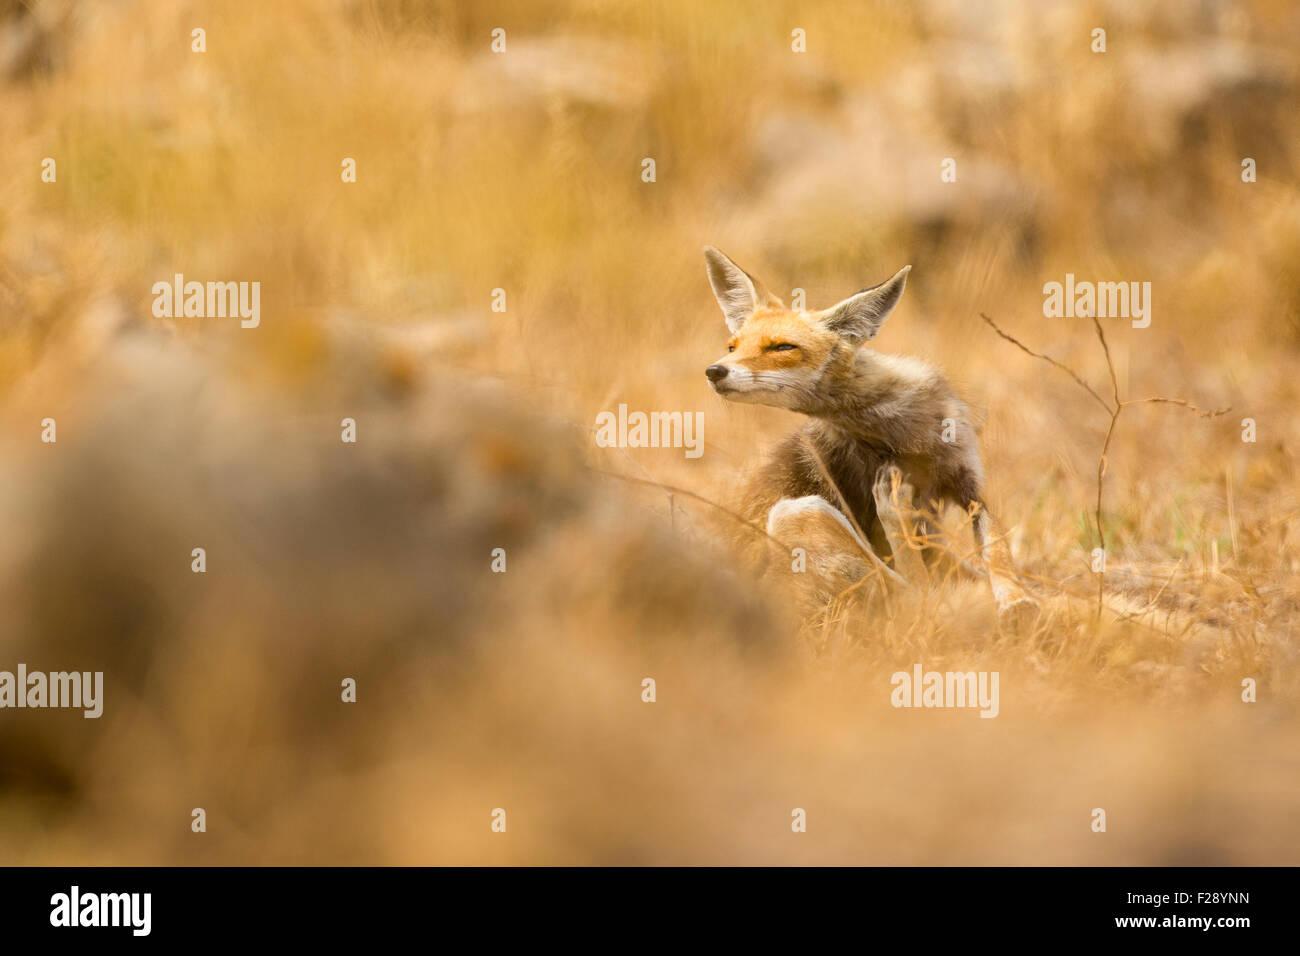 Le renard roux (Vulpes vulpes). Le renard roux est le plus grand des vrais renards, tout en étant le plus géographiquement Photo Stock